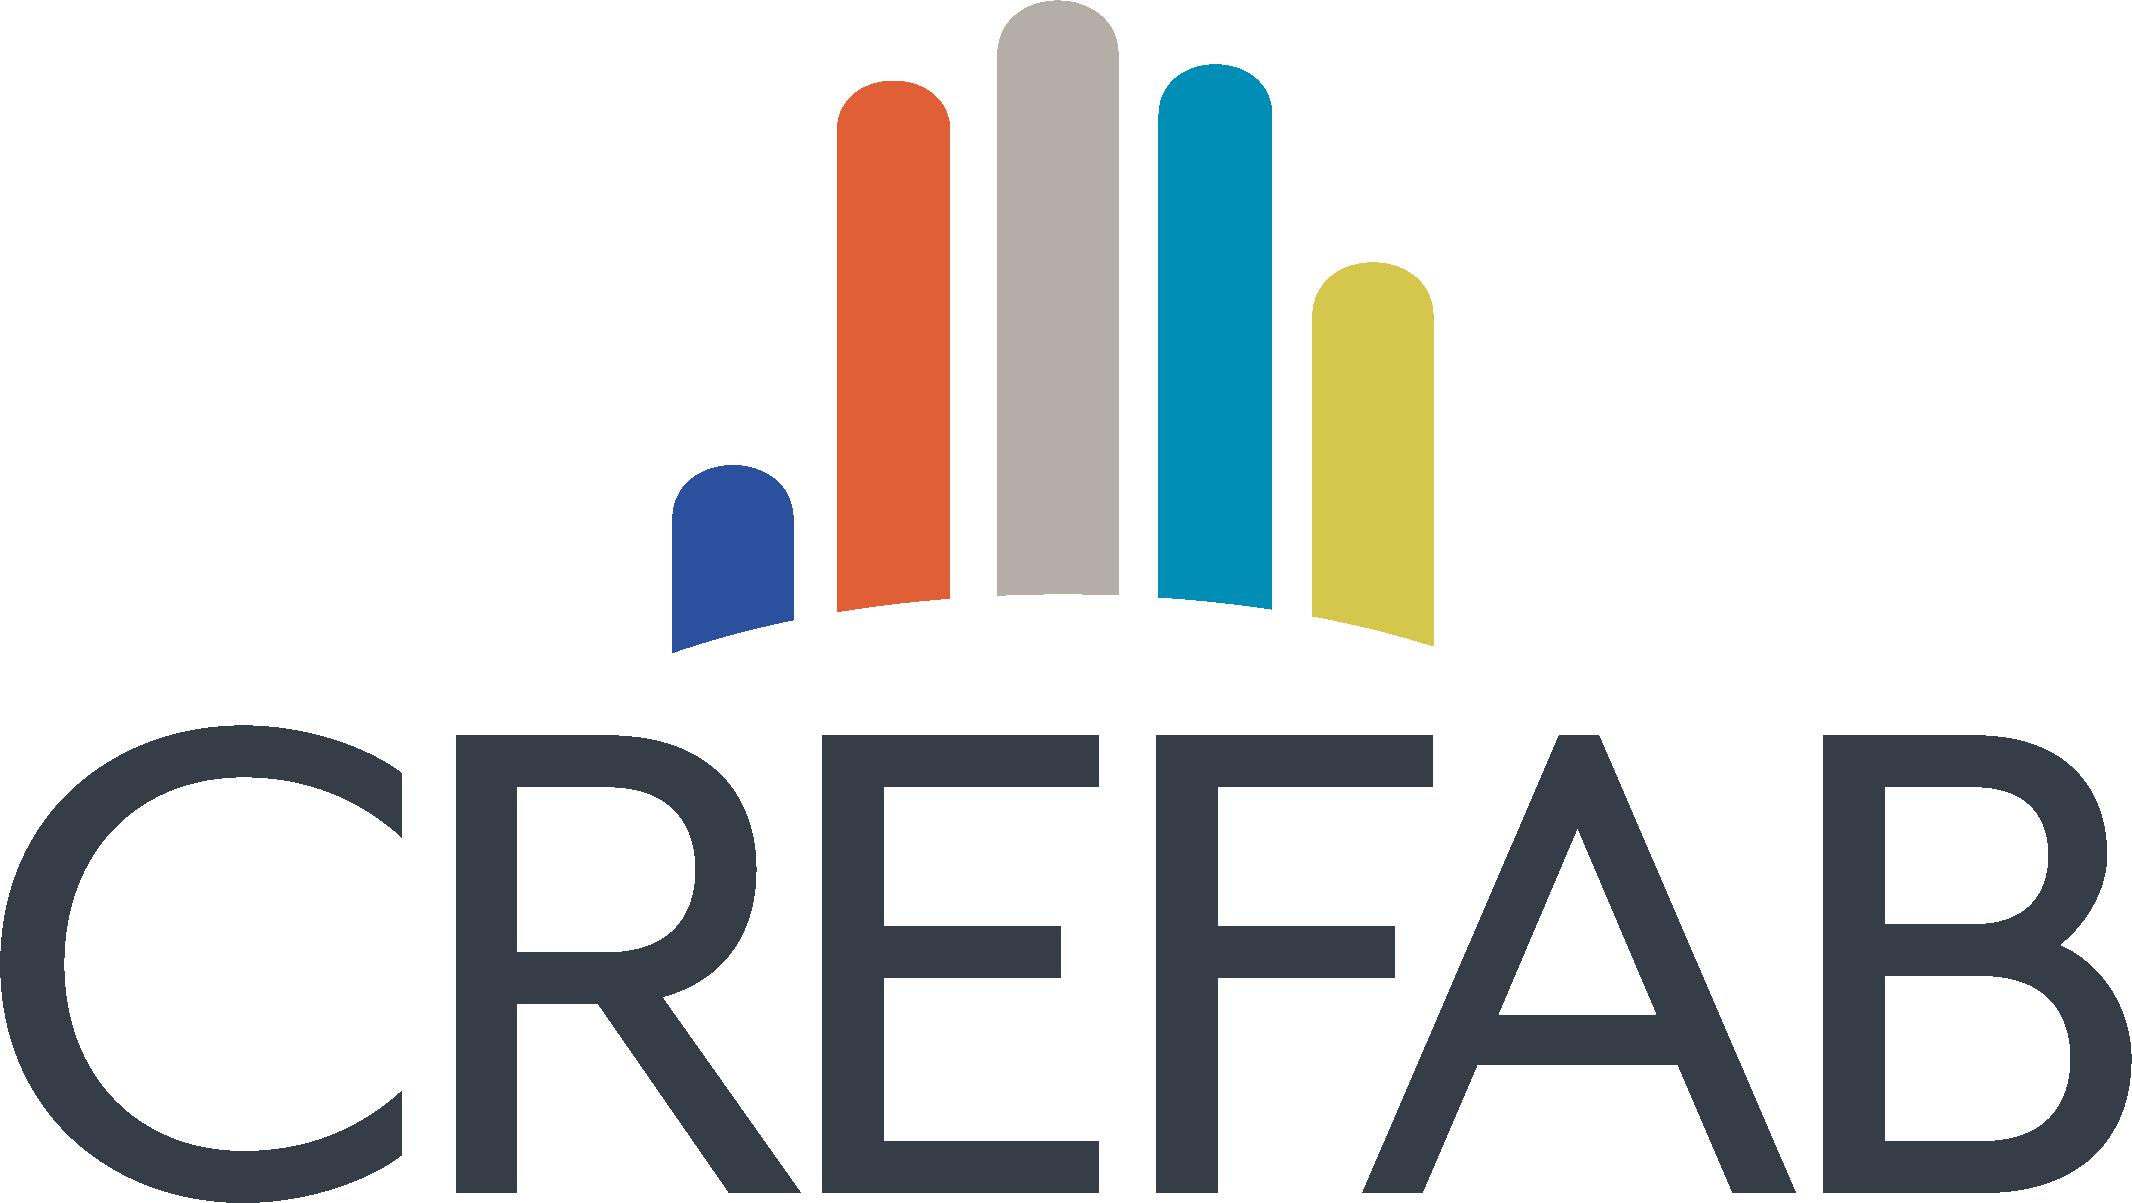 Logo Crefab